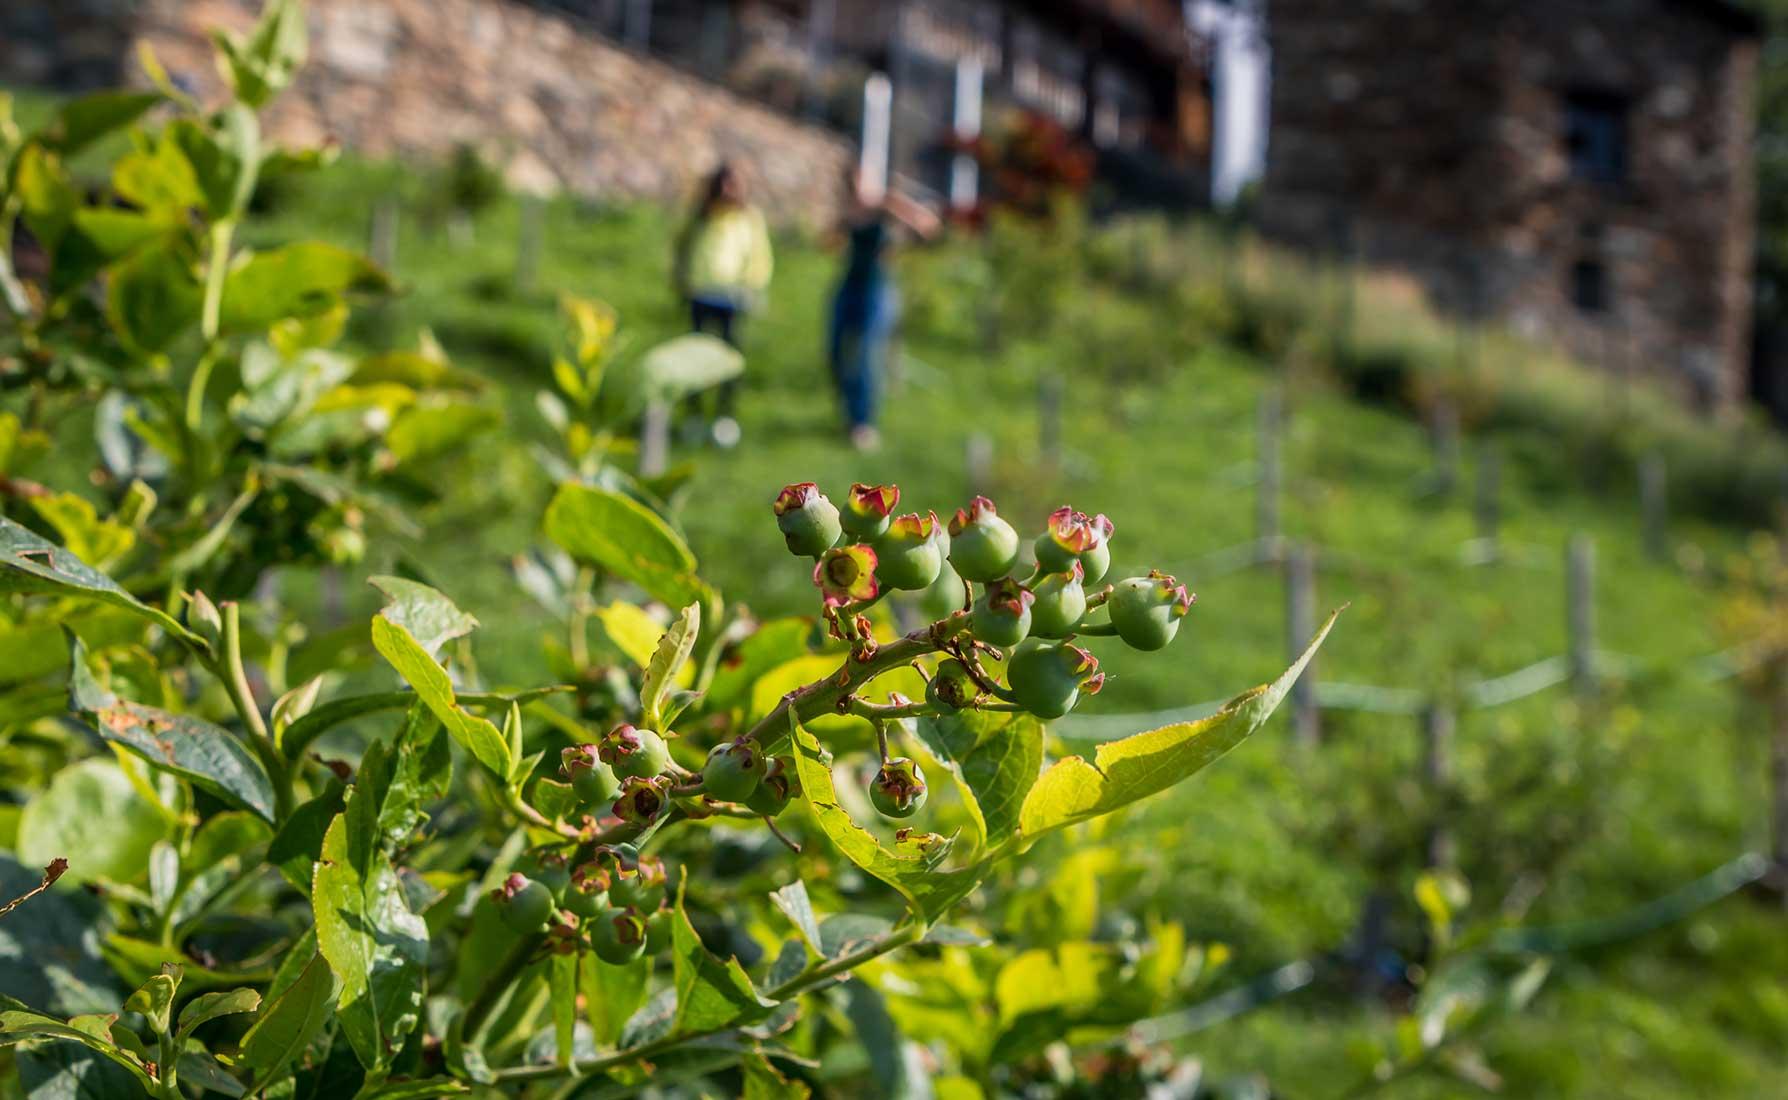 Mirtilli in maturazione alla coltivazione La Coccinella - Frazione Deles a Fontainemore